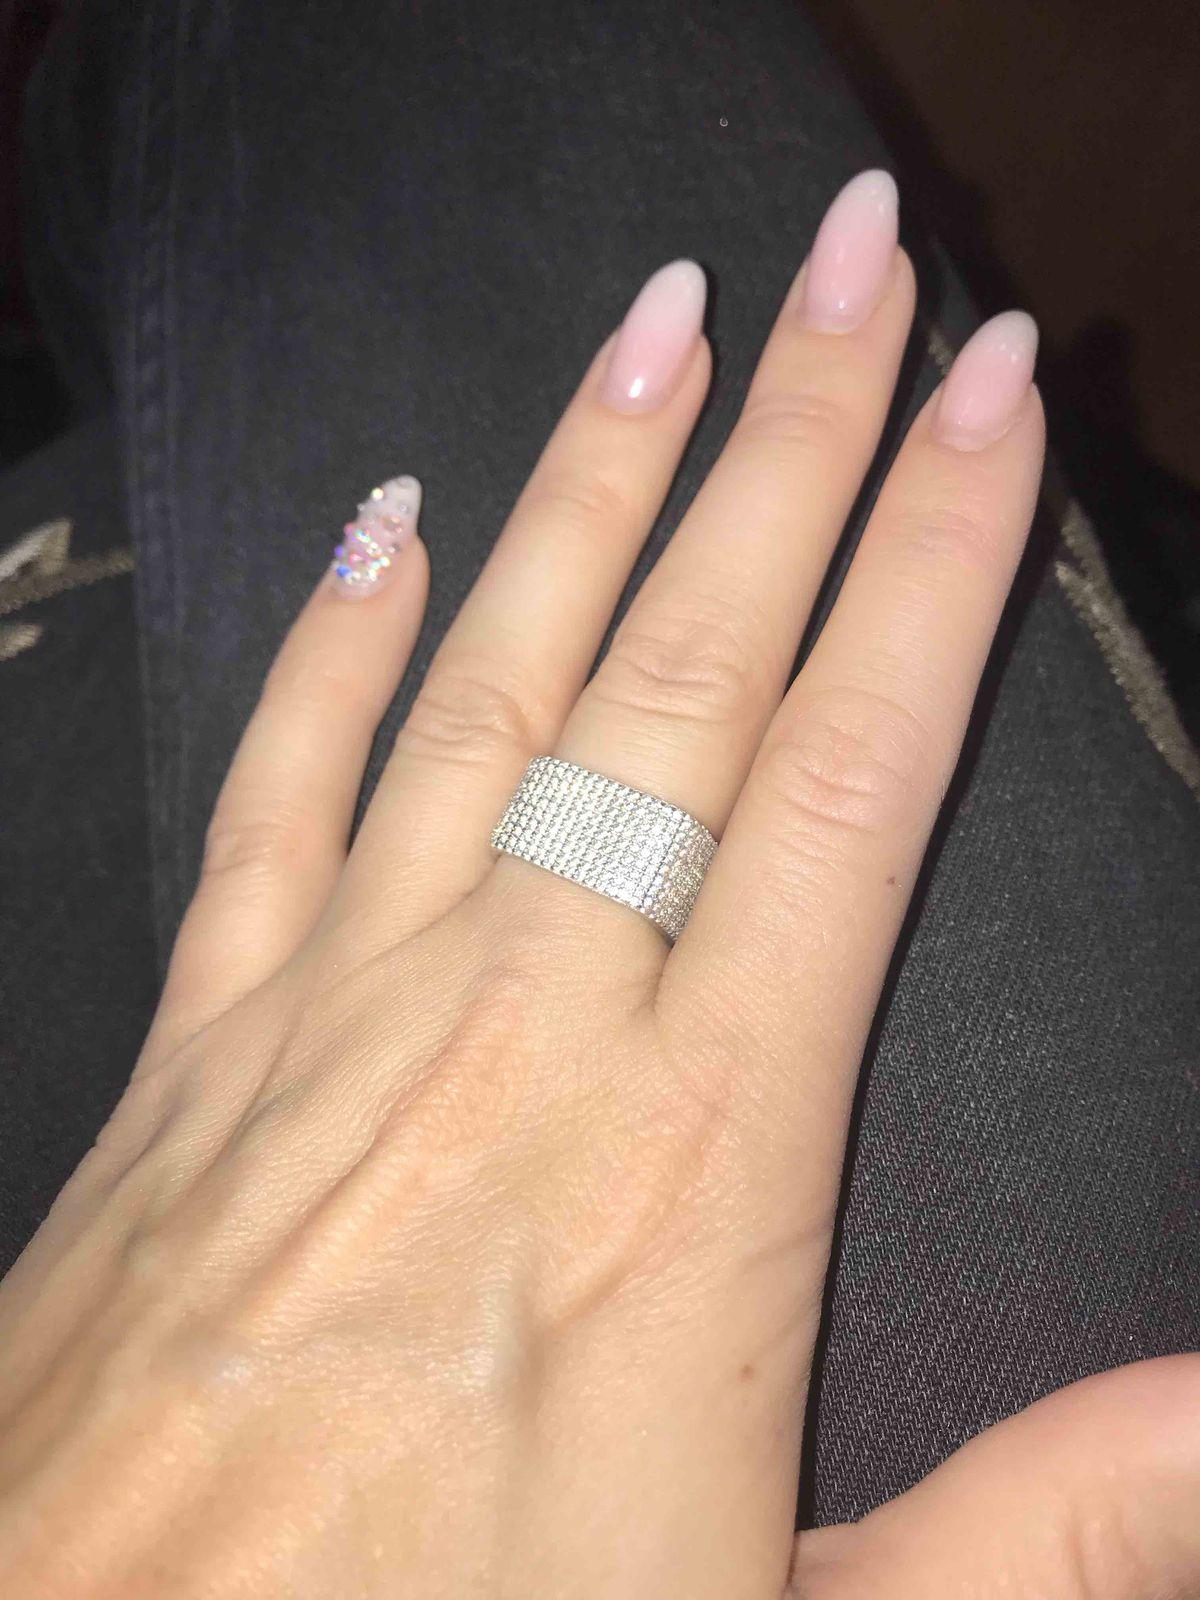 Интересное кольцо за счет формы